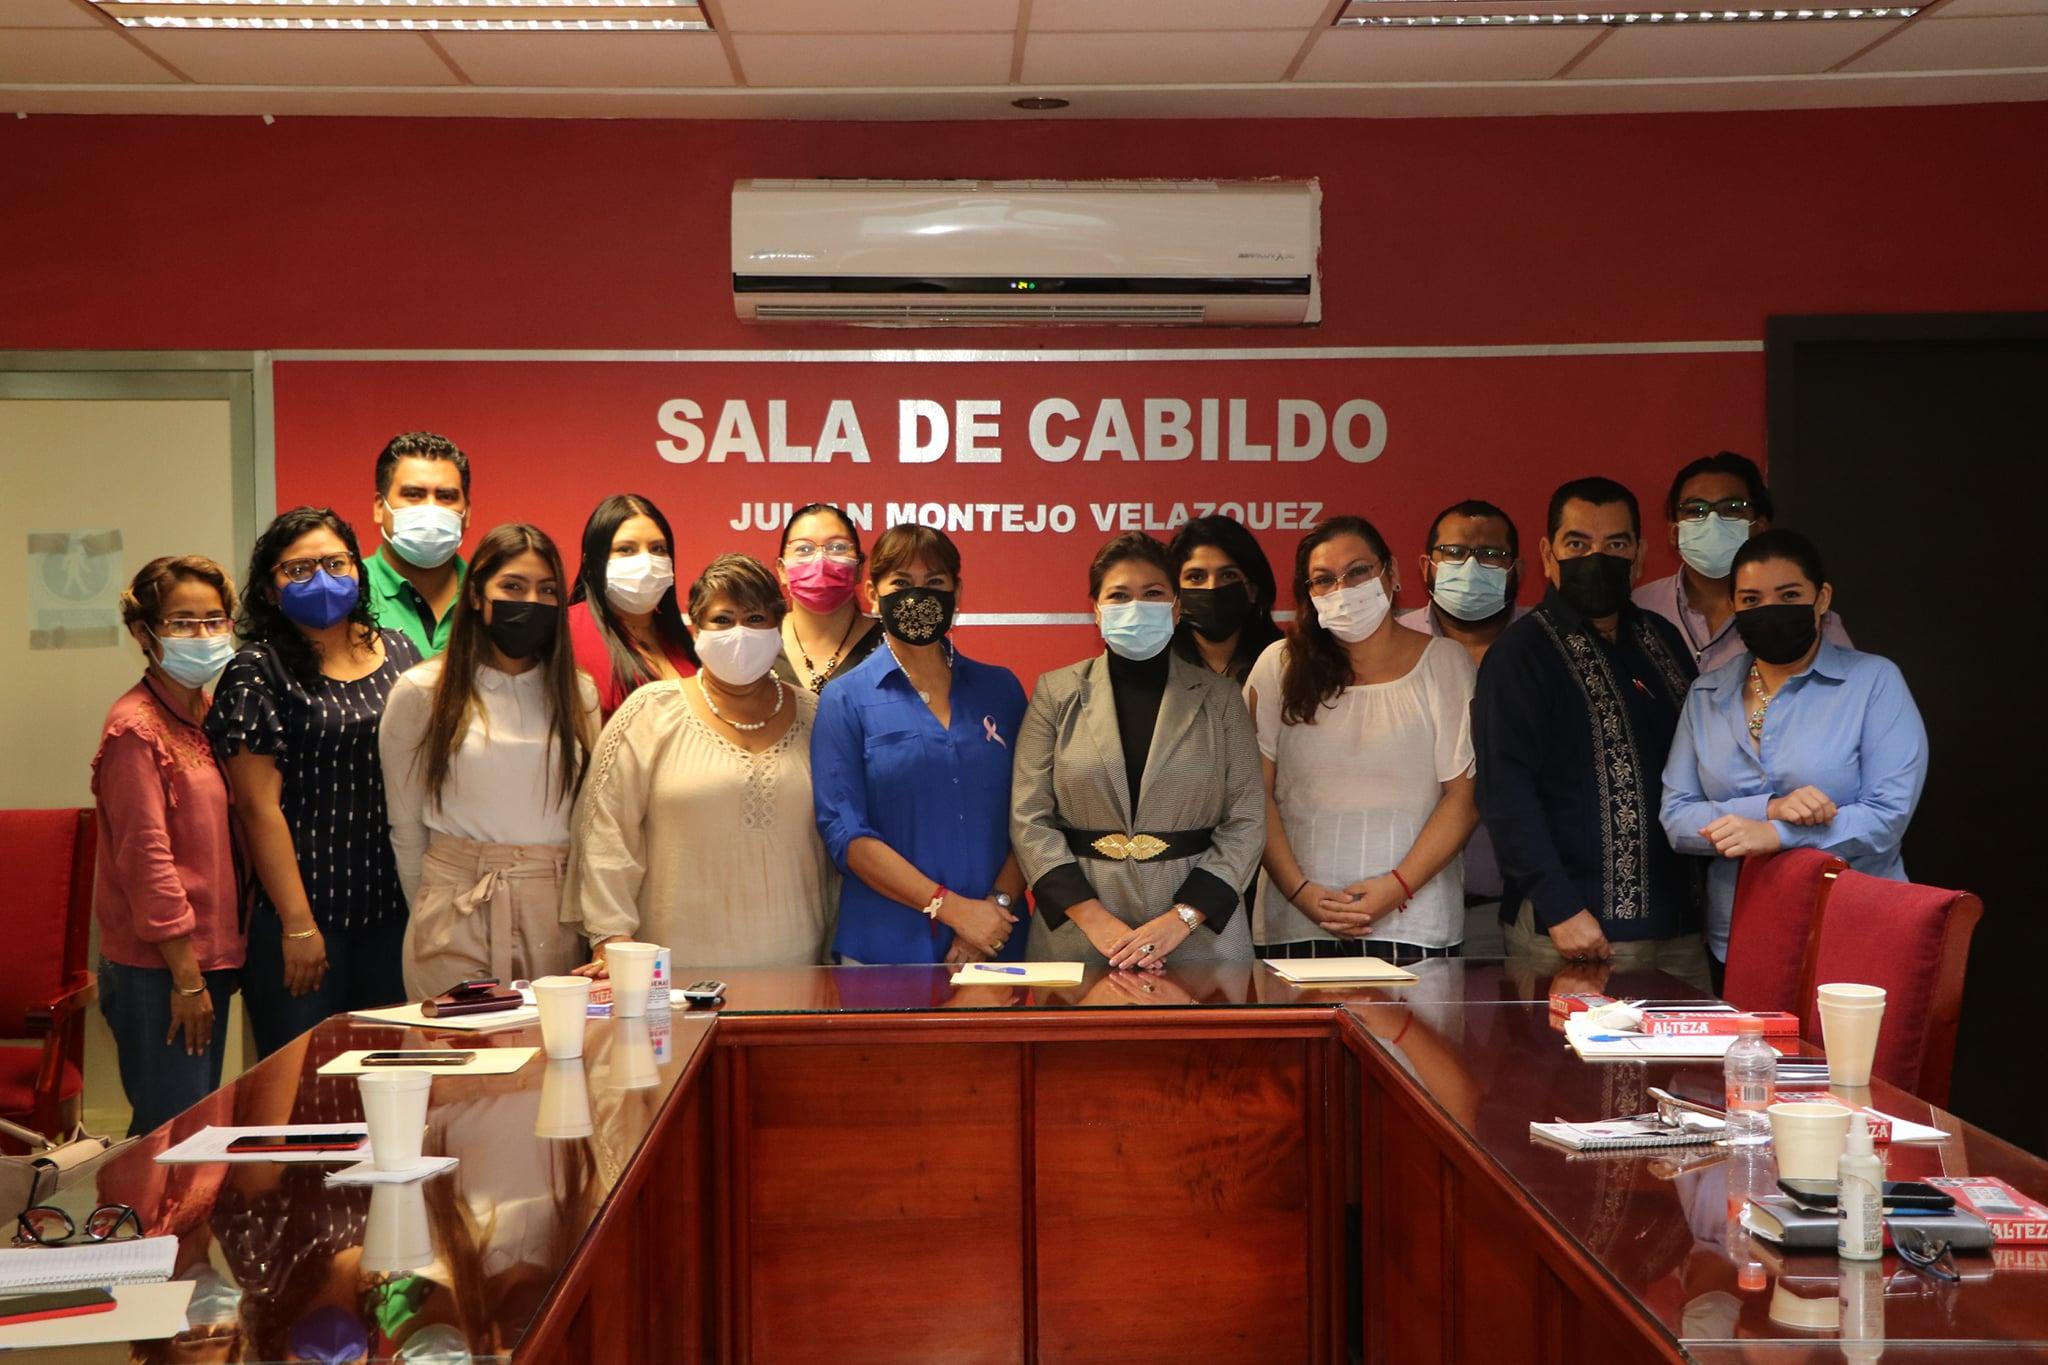 Se reúne el Gobierno de Cárdenas con autoridades del Instituto Estatal de las Mujeres para fortalecer y continuar con el trabajo de esta importante dependencia en el municipio.